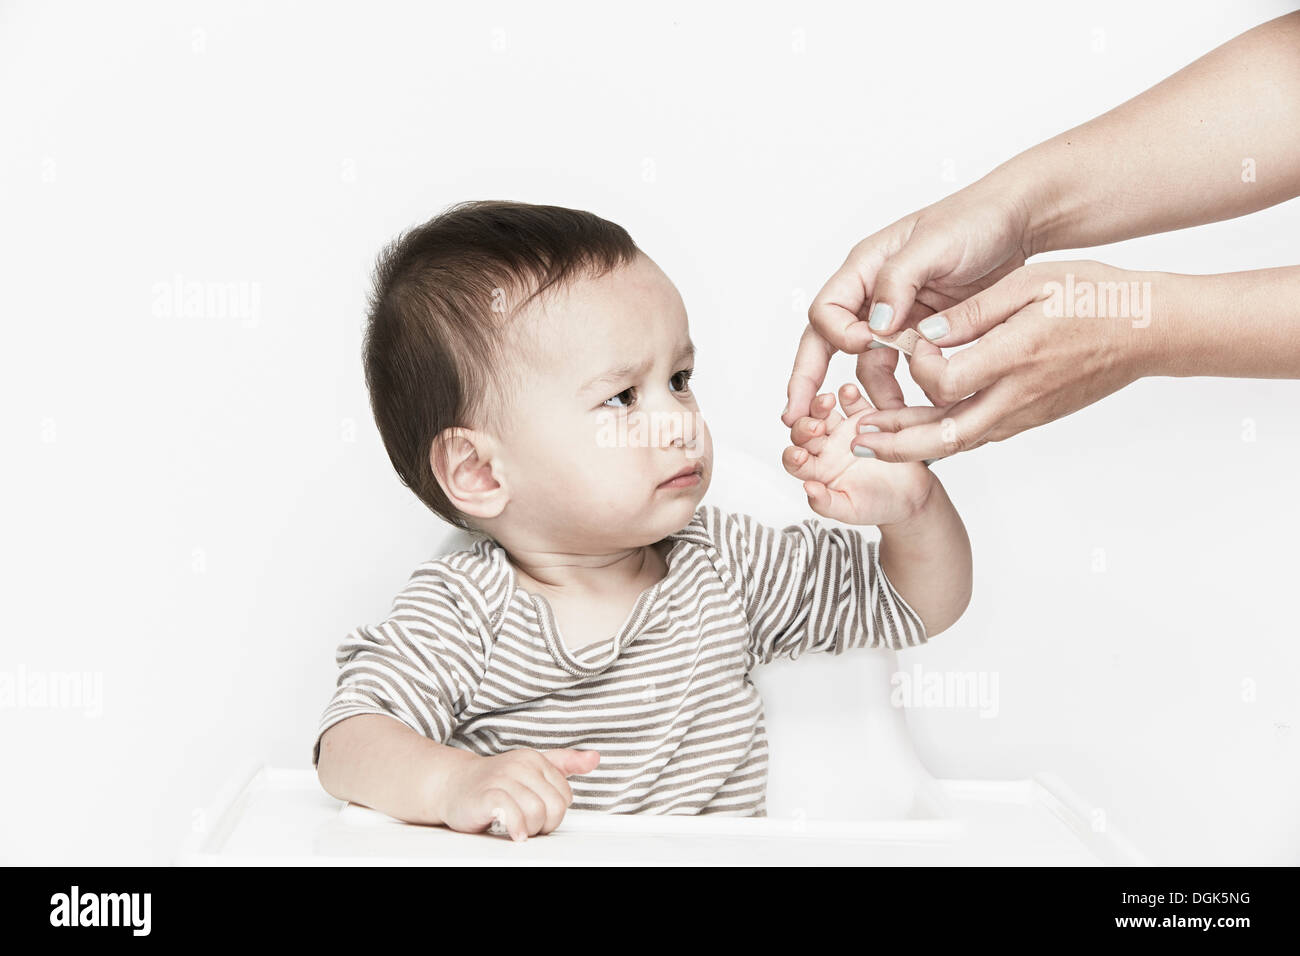 Hände, die Anwendung von Gips Babys Finger Stockbild